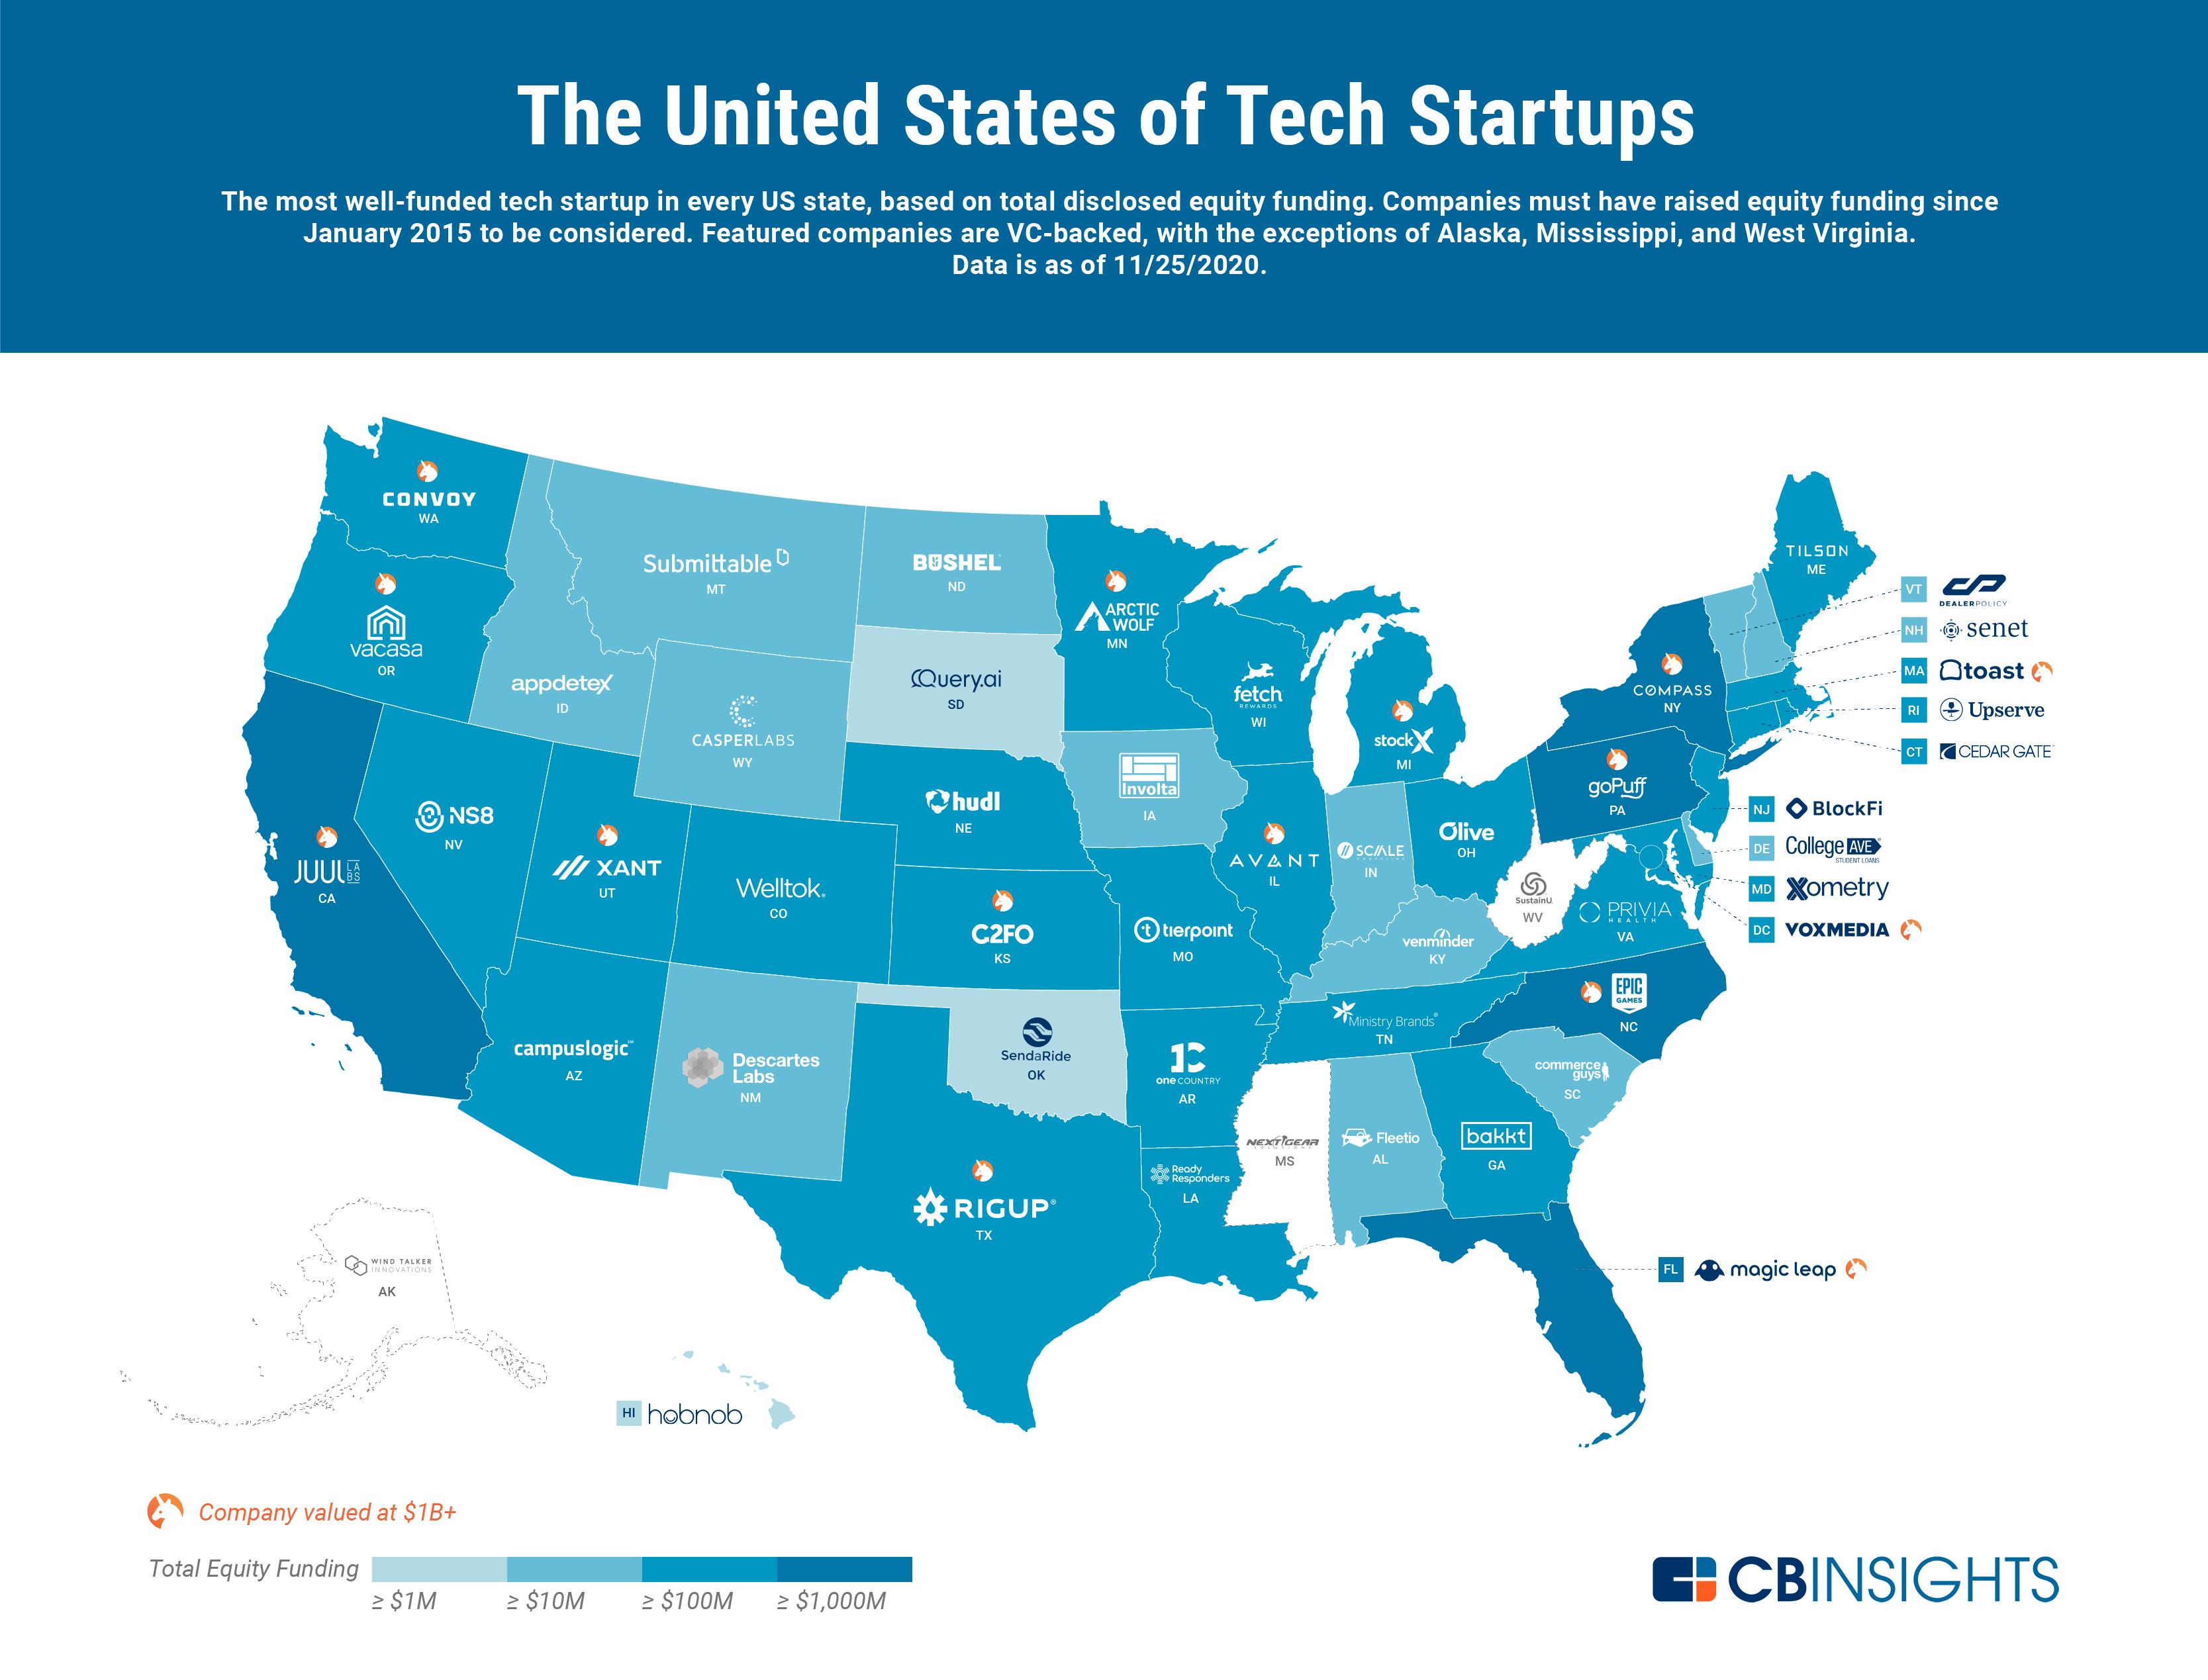 미국 기술 스타트업 창업, 전역으로 확산...32개 스타트업 1억 달러 이상 투자 유치